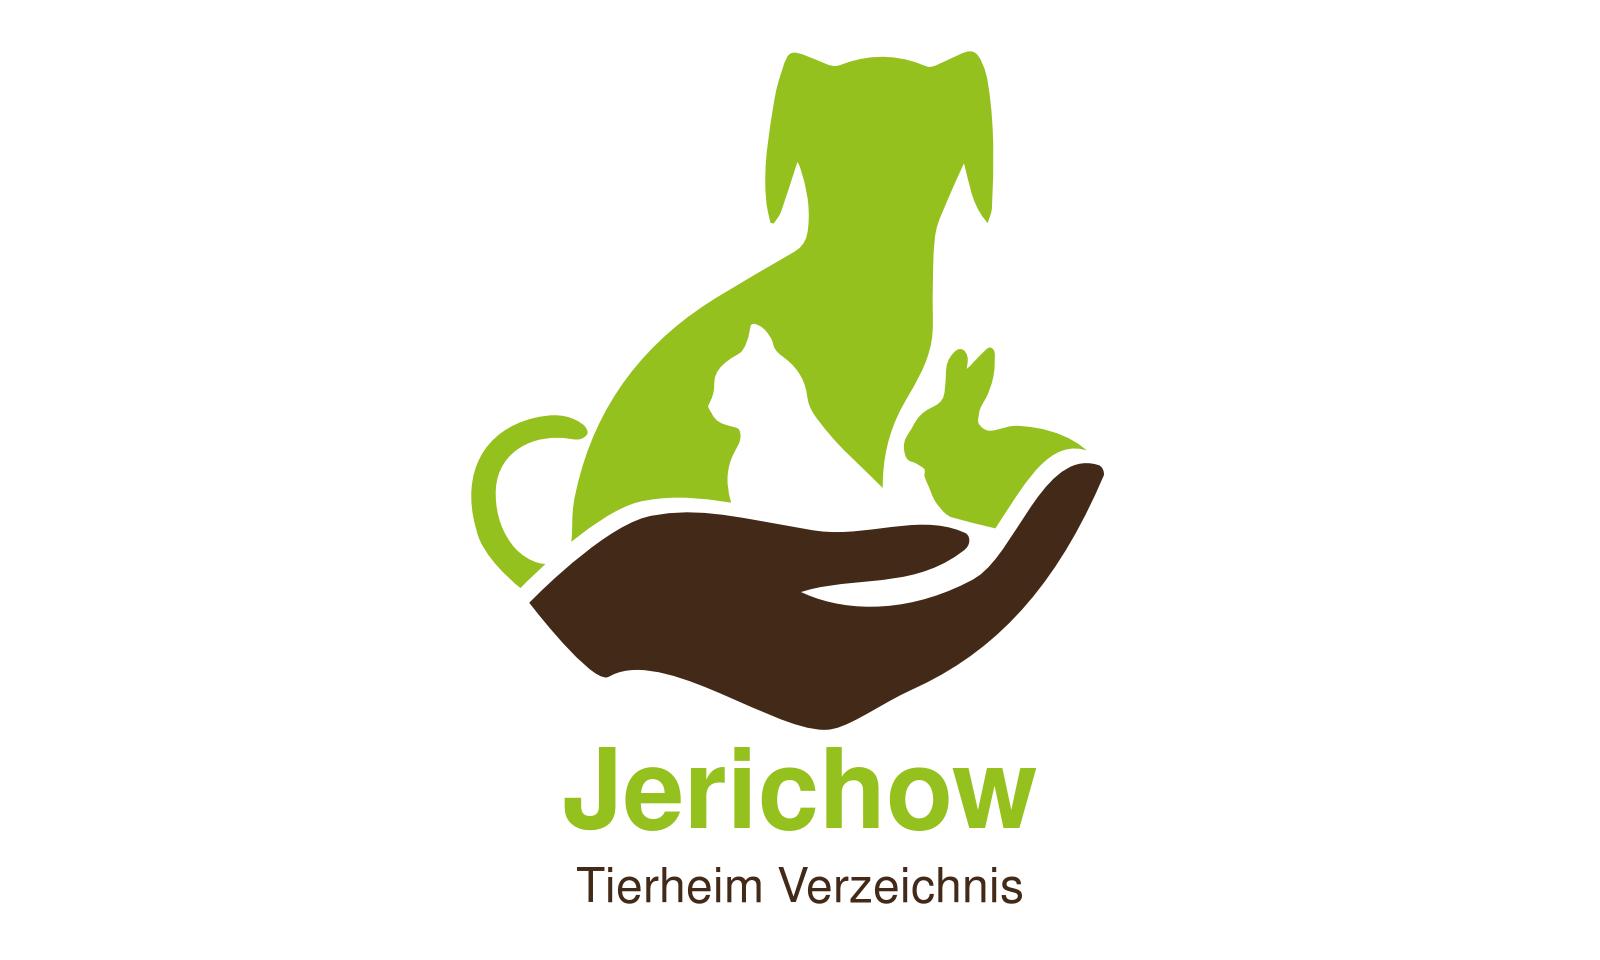 Tierheim Jerichow